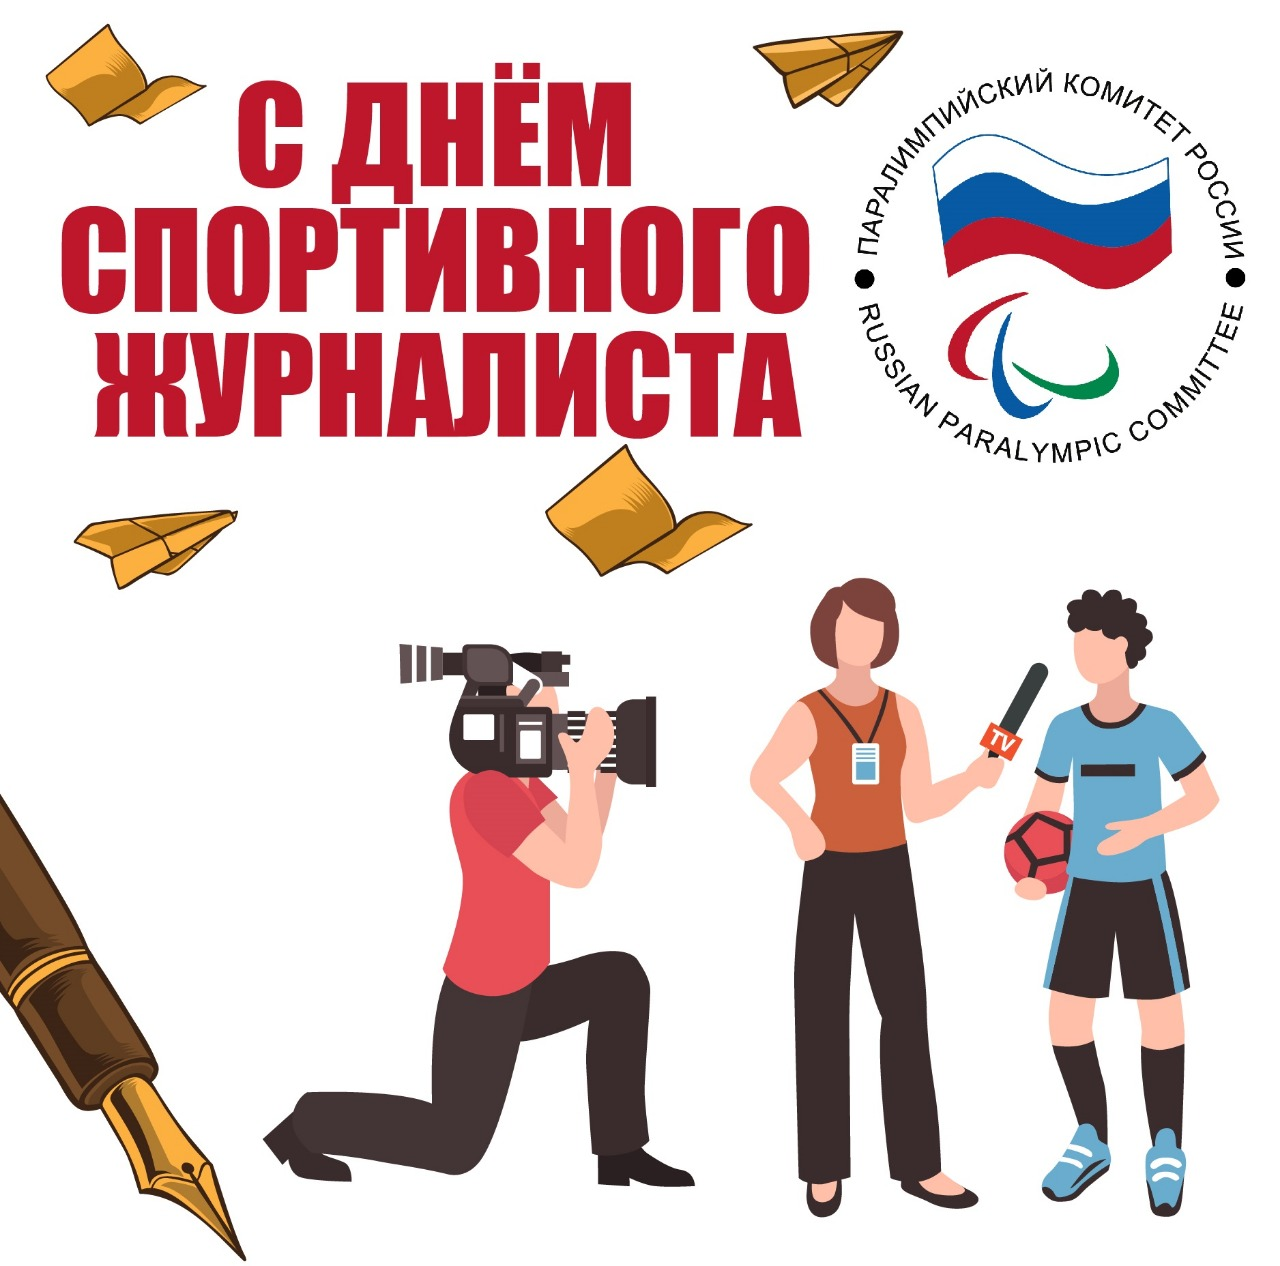 Поздравление президента ПКР В.П. Лукина представителям СМИ, освещающим спортивные события, с Международным днем спортивного журналиста